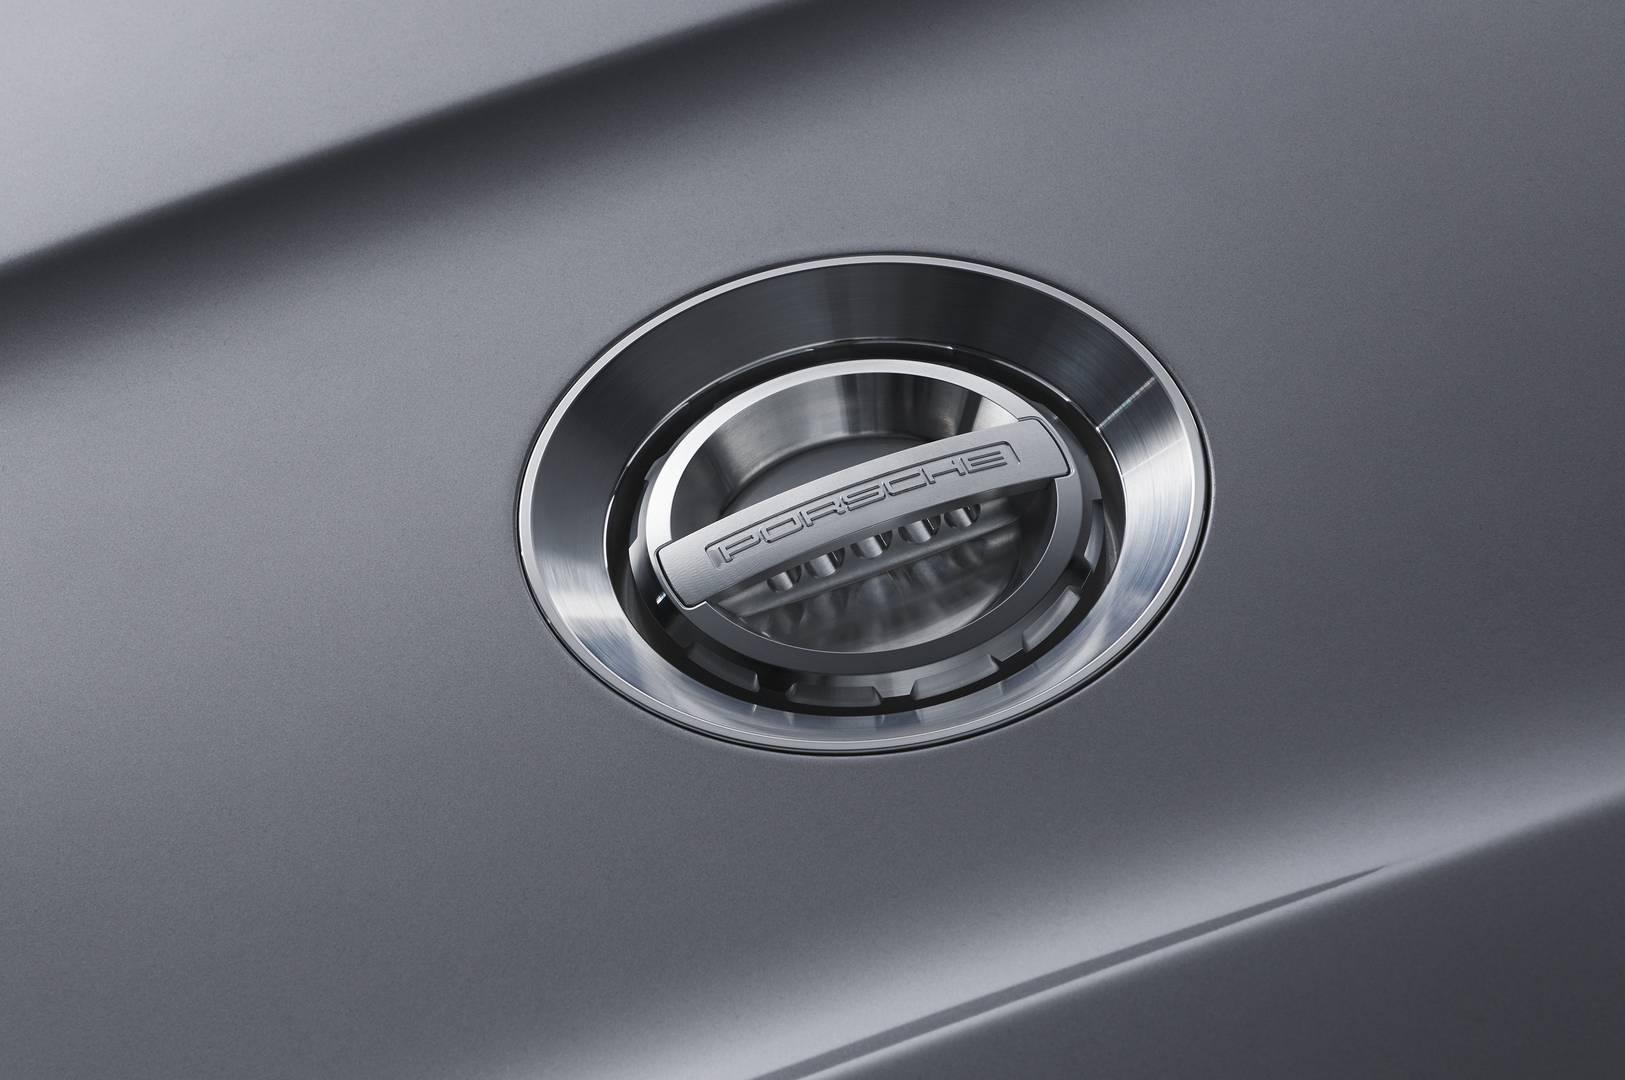 Двигатель представляет собой атмосферный рядный шестицилиндровый блок мощностью 500 л.с. в сочетании с шестиступенчатой механической коробкой передач. Впервые для Porsche, Speedster оснащен 21-дюймовыми дисками с центральным замком.